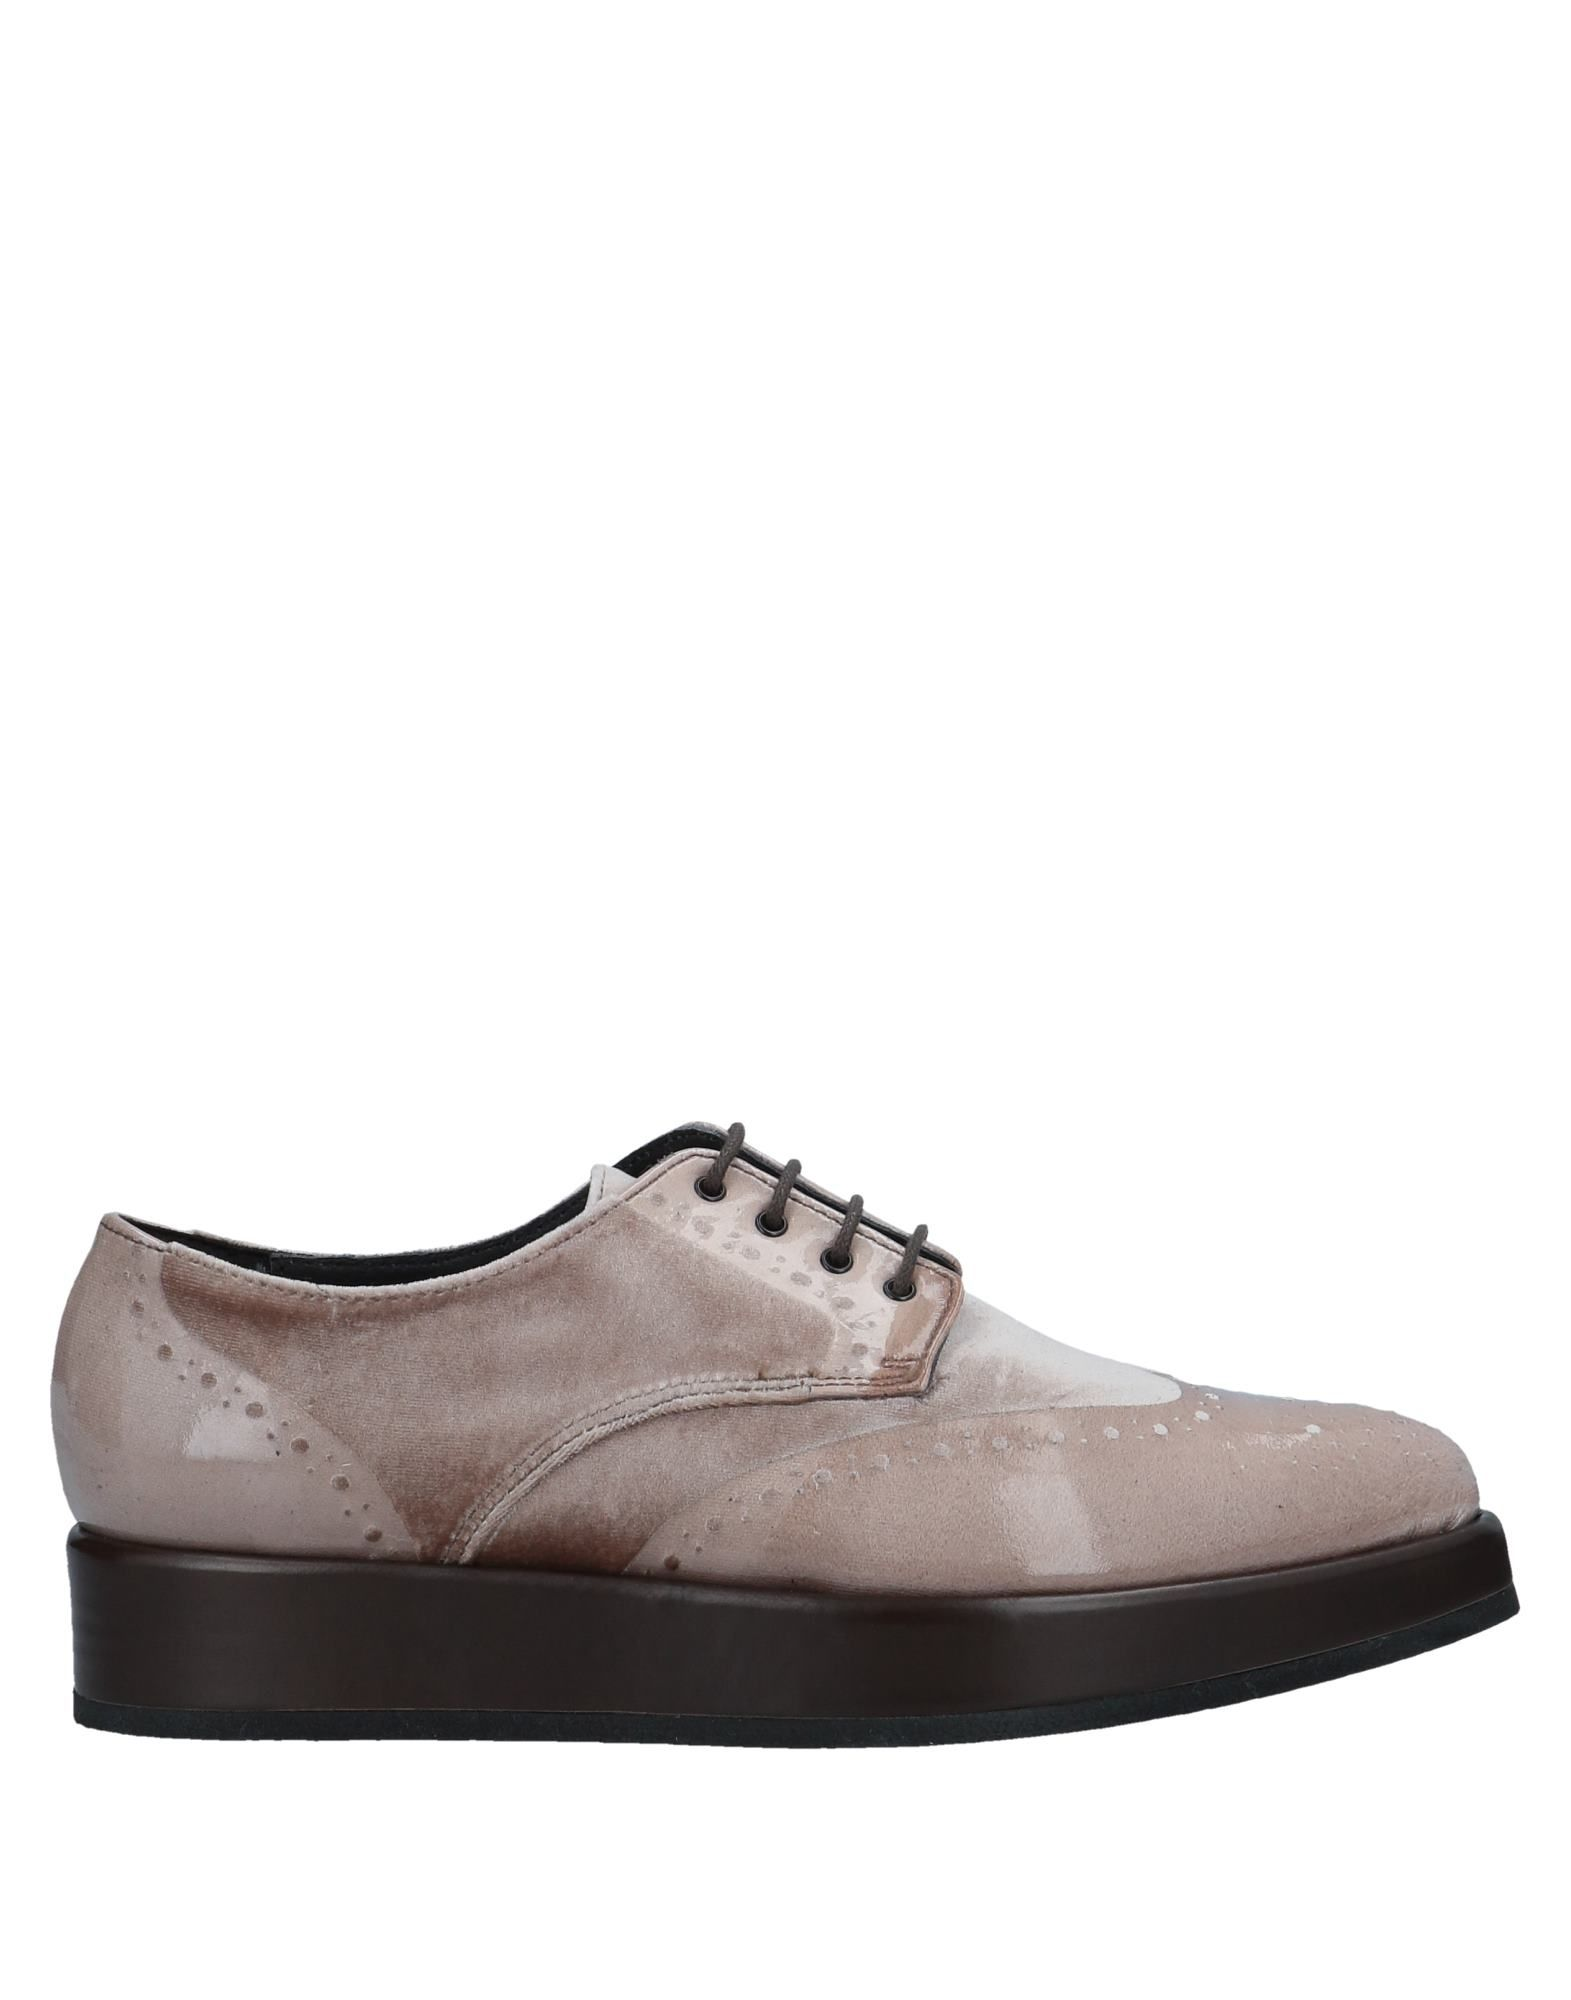 Фото - PEPEROSA Обувь на шнурках обувь на высокой платформе dkny